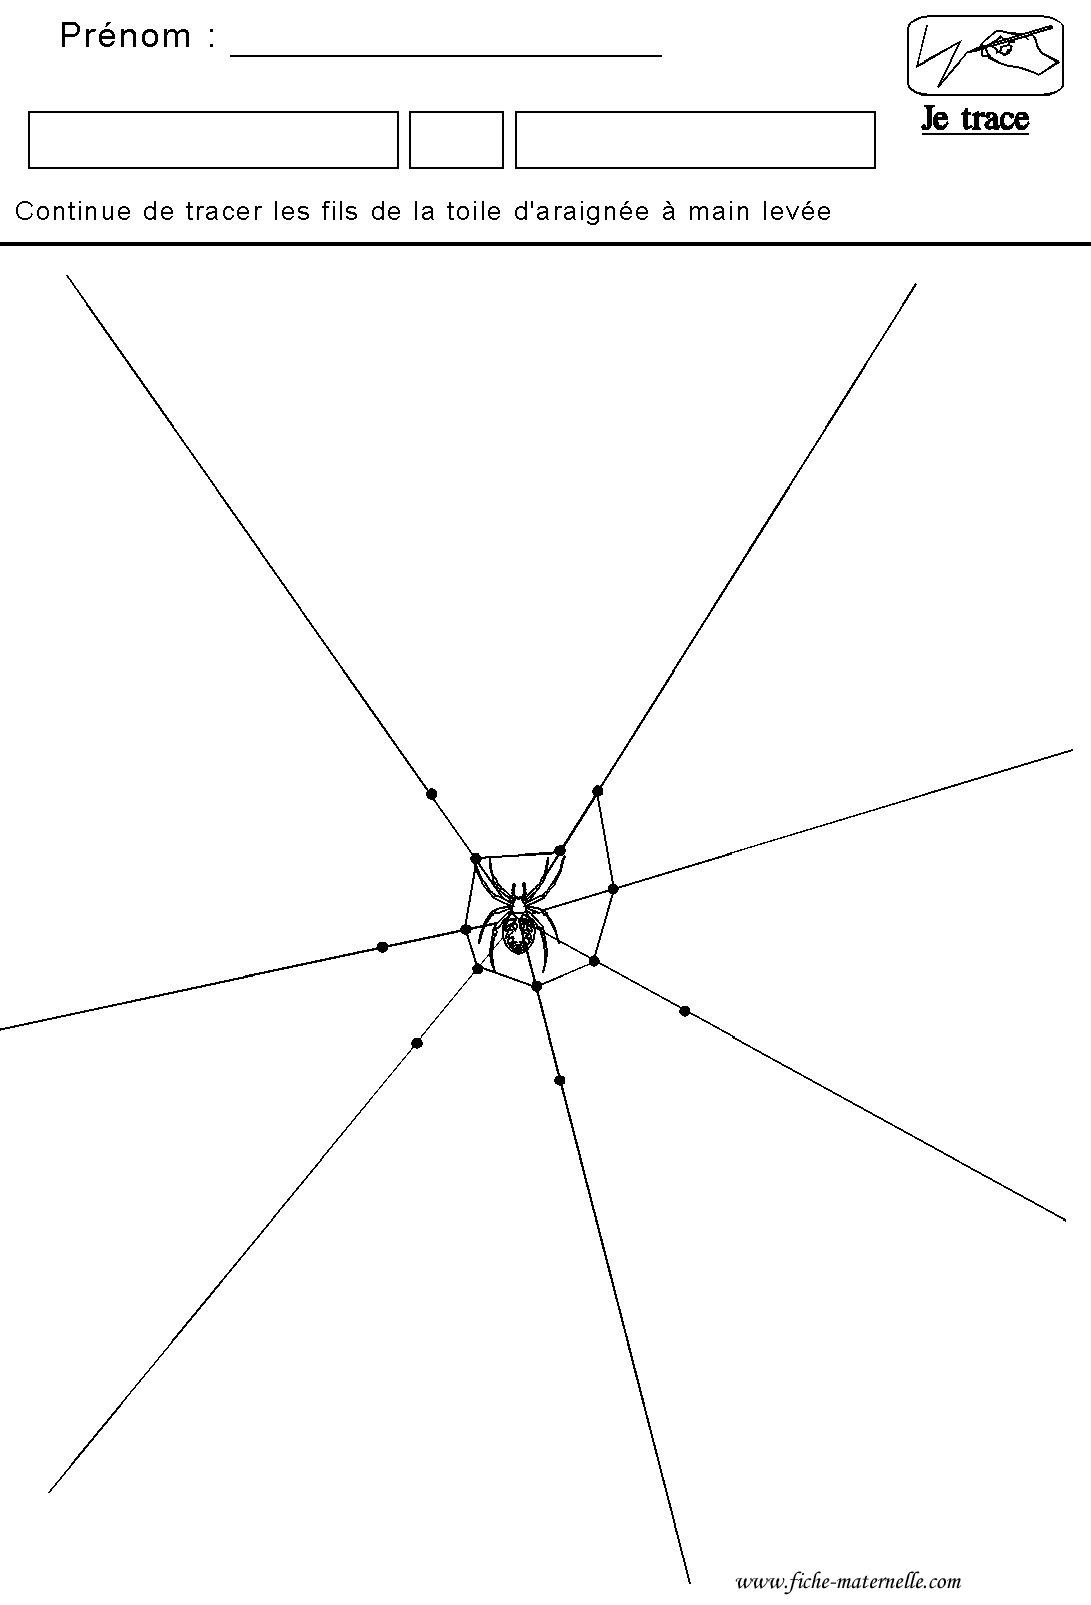 Graphisme Tracer Des Lines De La Toile D'araignée pour Dessiner Une Araignee